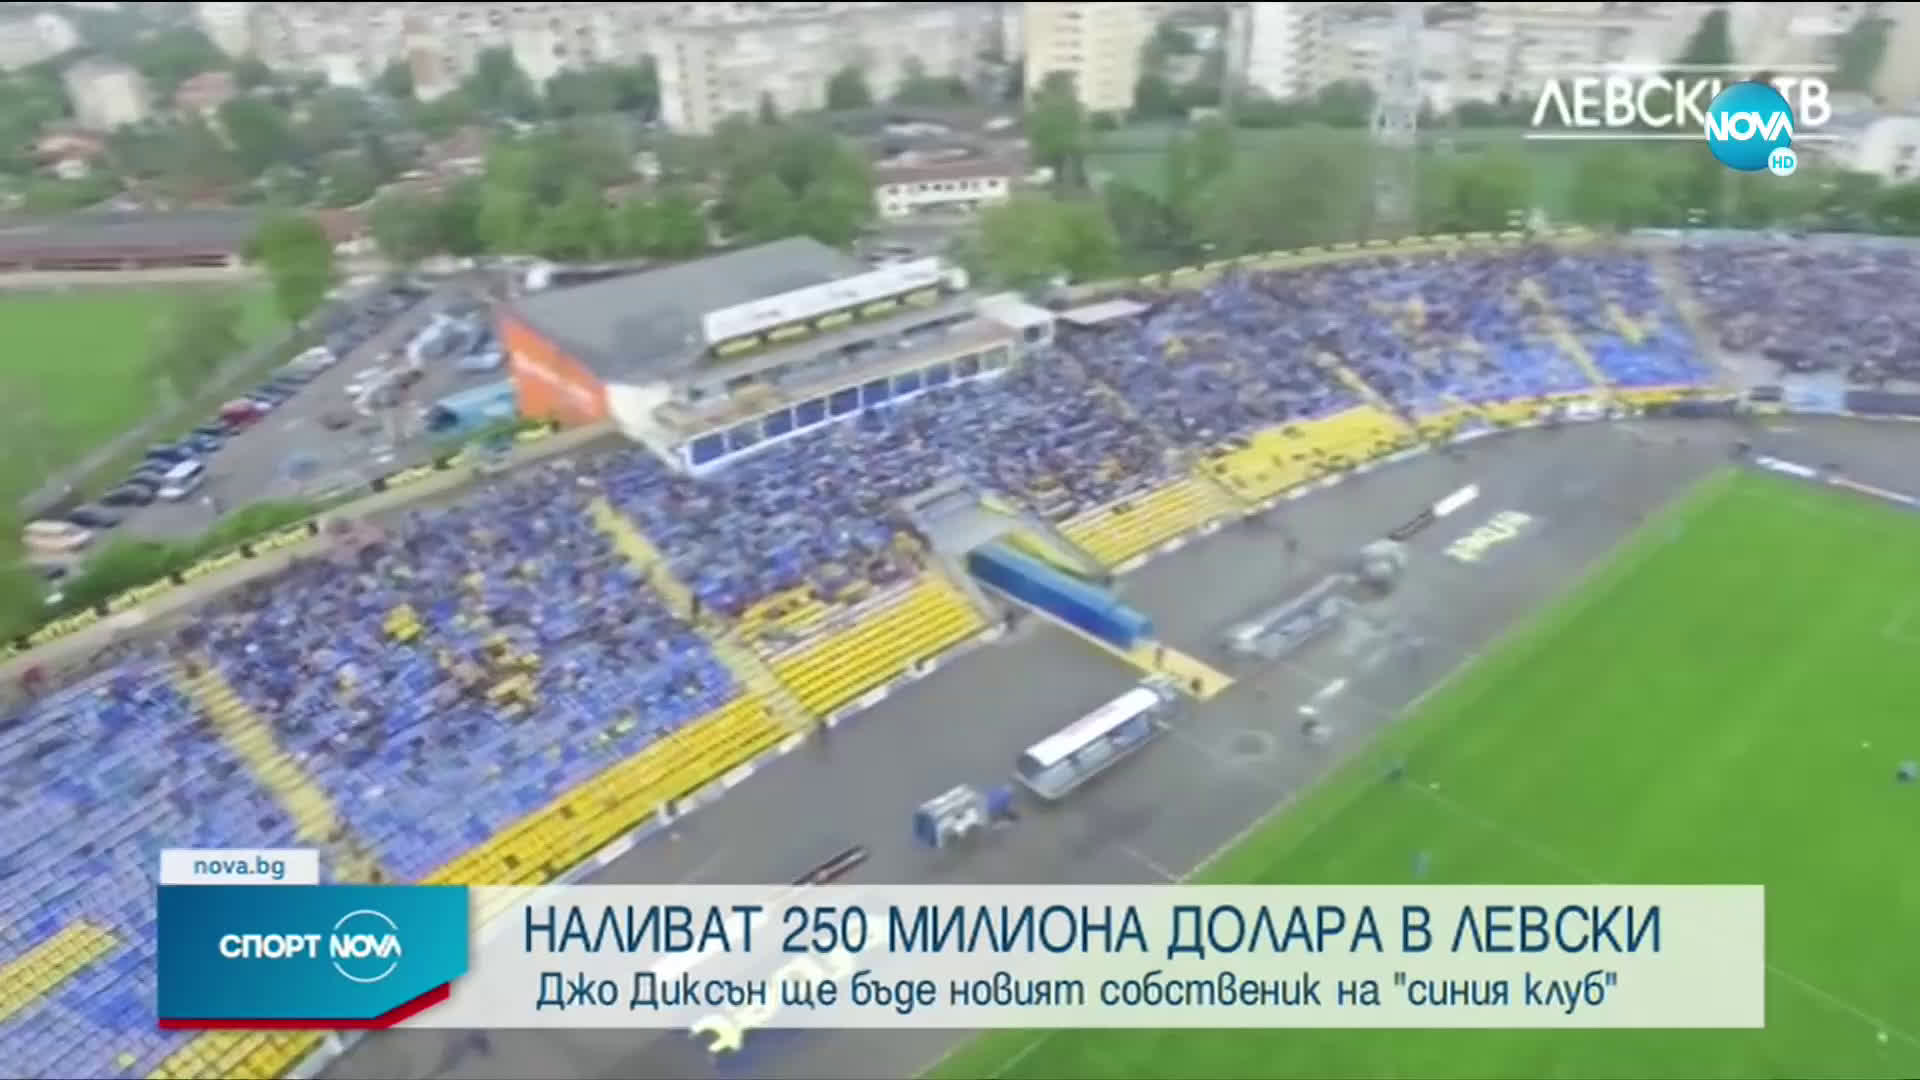 Спортни новини (10.06.2021 - късна емисия)